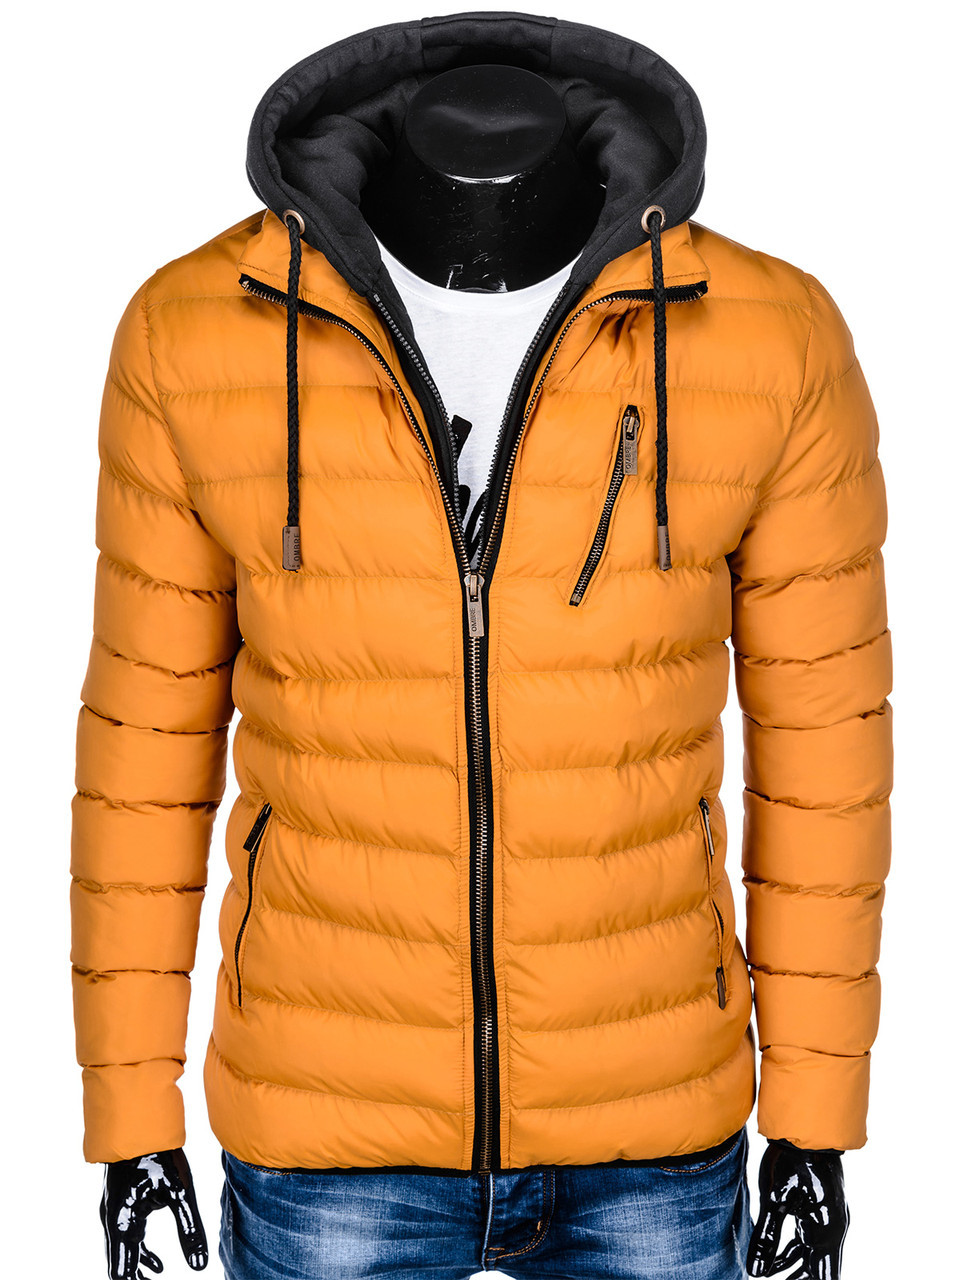 Мужская  молодёжная стёганая куртка с капюшоном Жёлтый